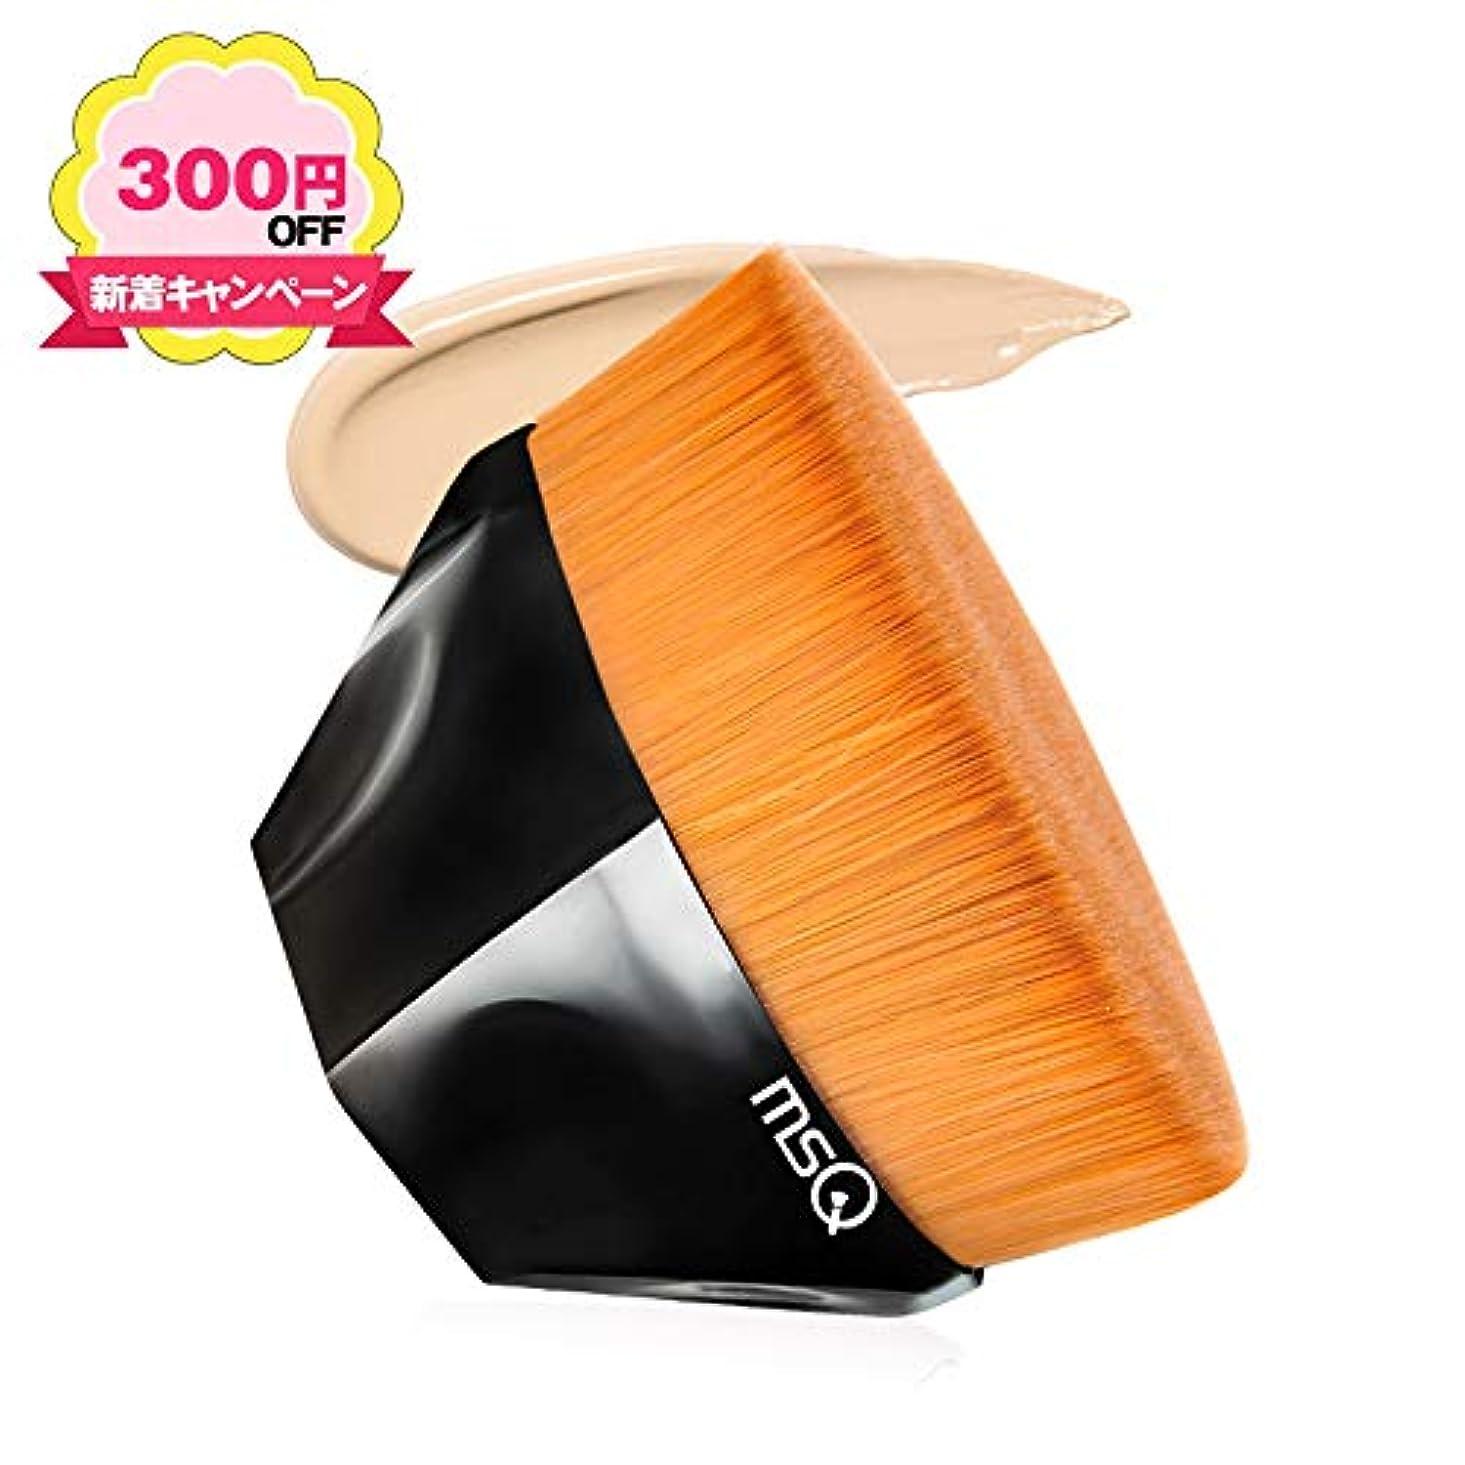 パッド利用可能後ろにMSQ 化粧ブラシ 人気 メイクブラシ メイクアップブラシ 粧ブラシ 可愛い 化粧筆 肌に優しい ファンデーションブラシ アイシャドウブラシ 携帯便利